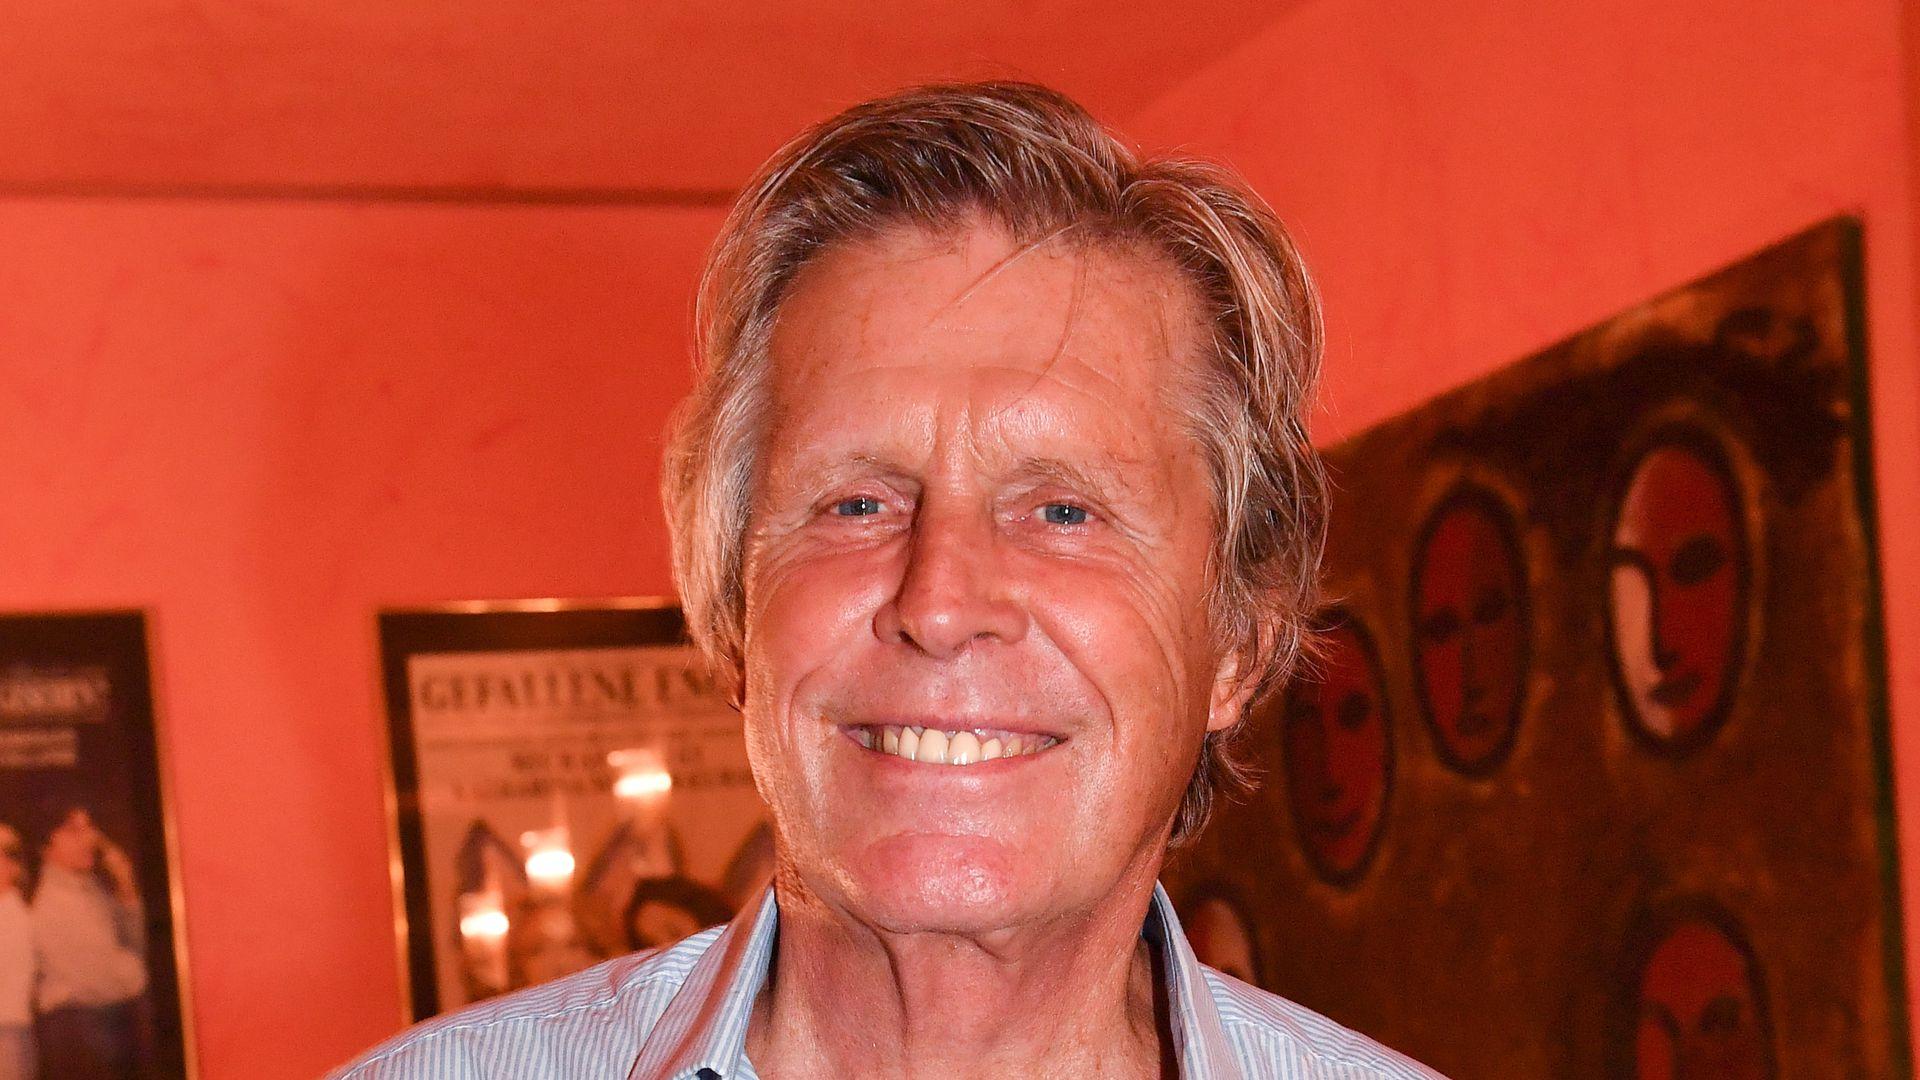 Sigmar Solbach